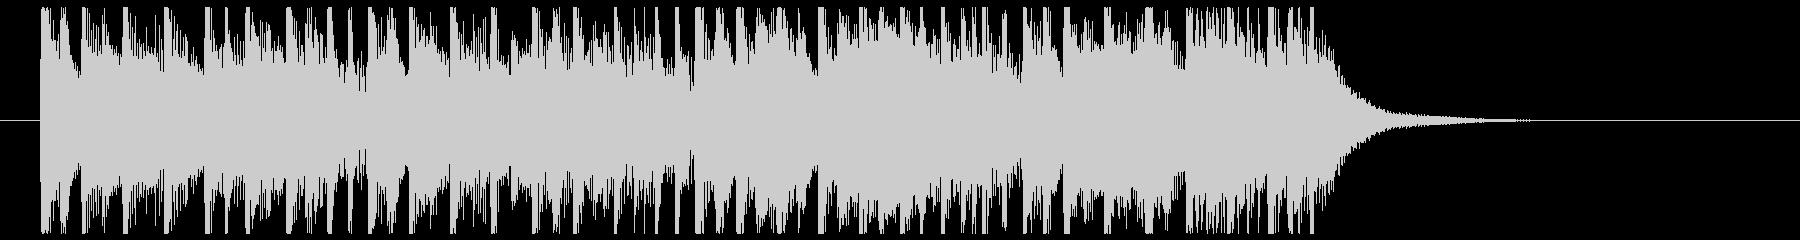 お正月の定番曲、一月一日のCM版です。の未再生の波形